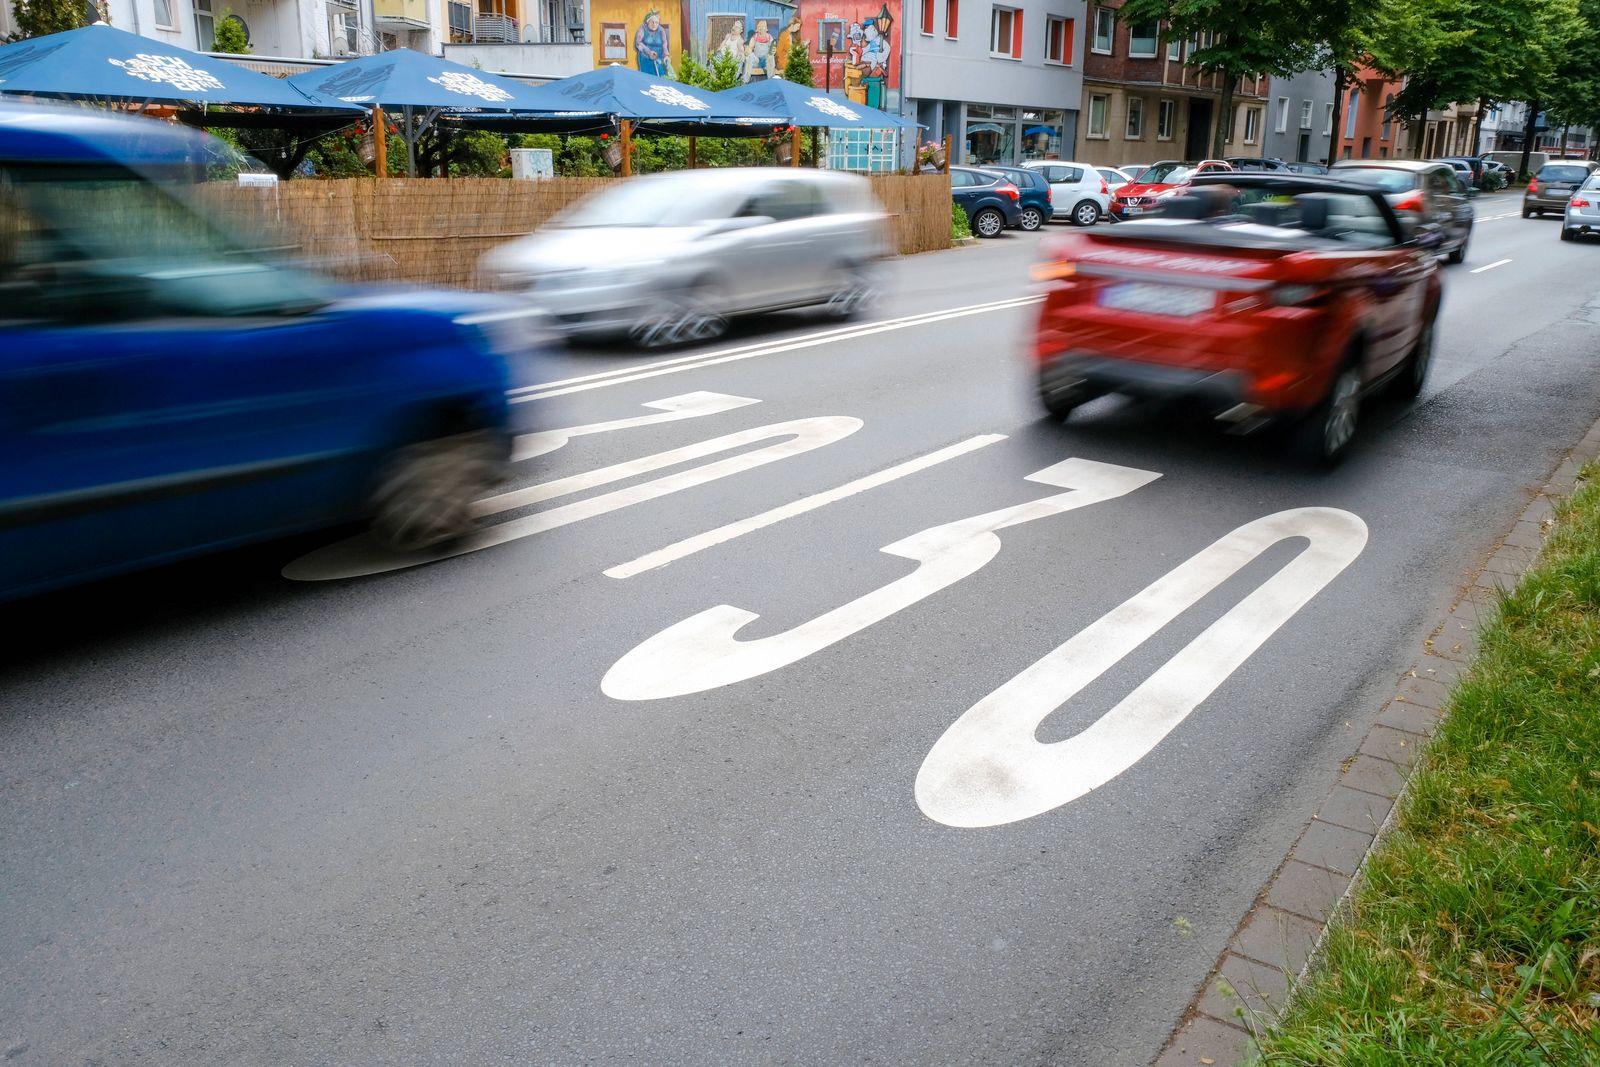 Düsseldorf 12.07.2021 Tempo 30 Tempo30 Zone Innenstadt City Merowingerstraße Verkehr Dieselfahrverbot Umwelthilfe Bussg